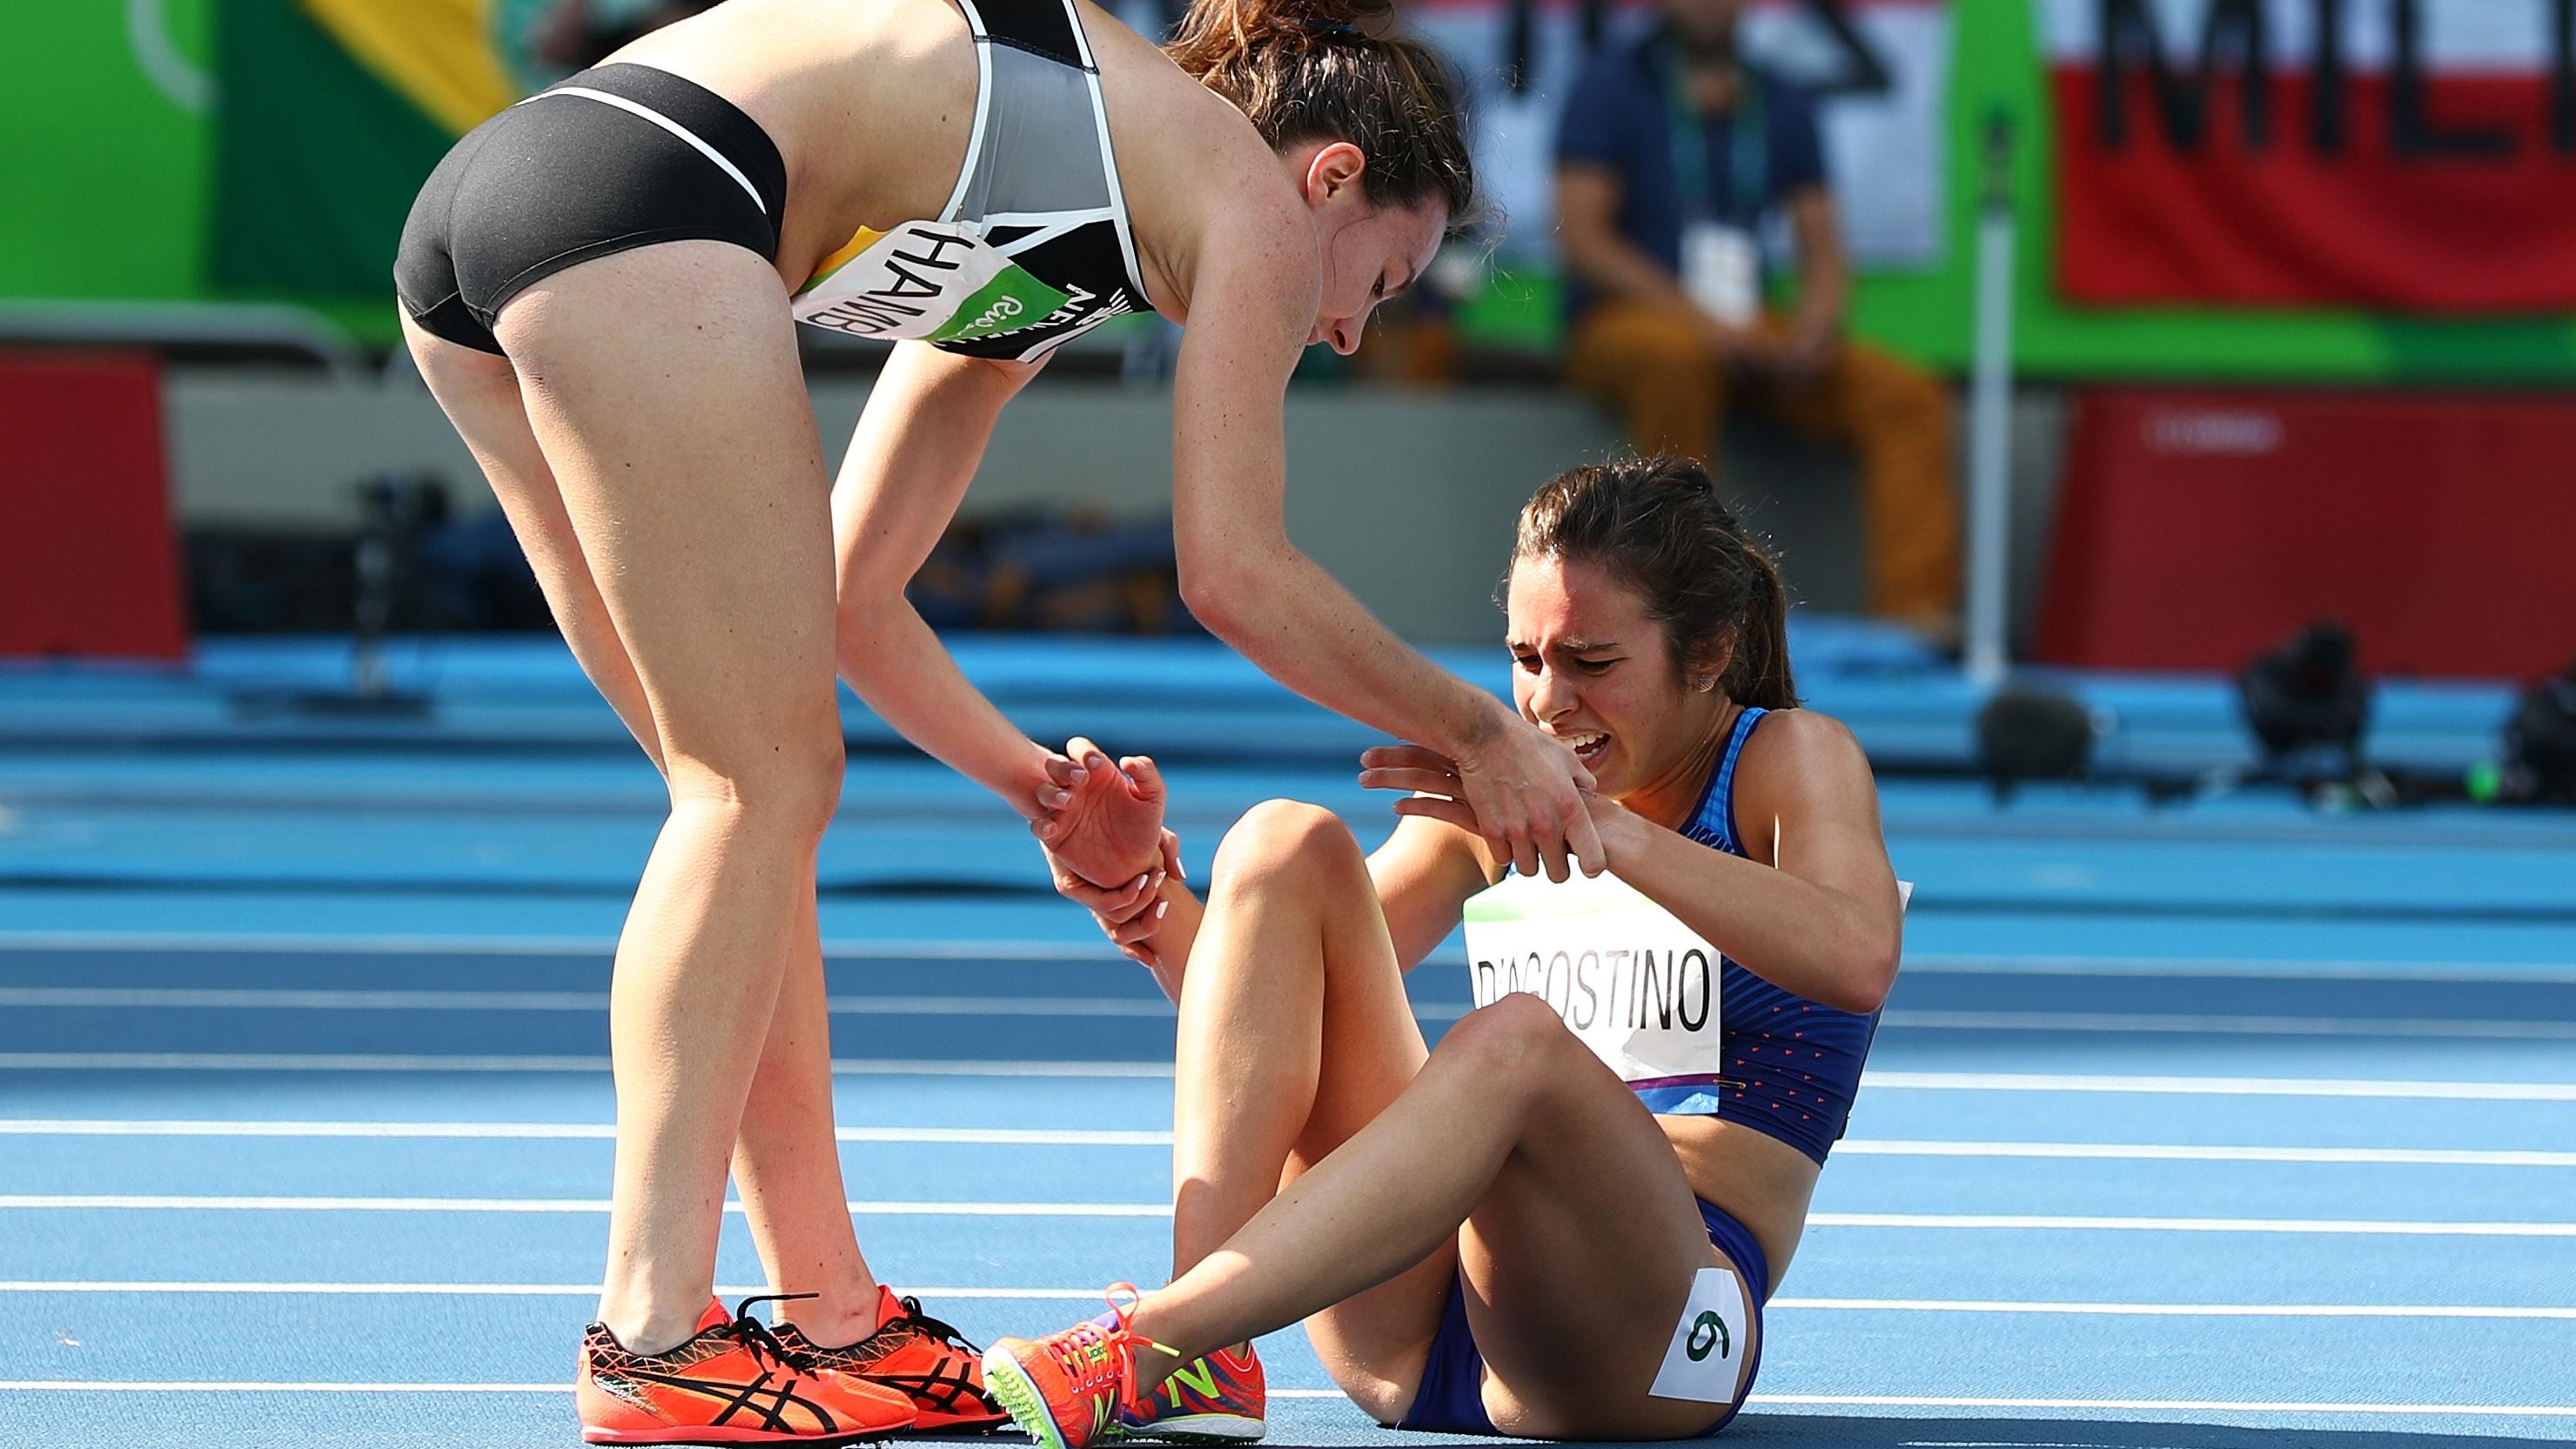 Kết quả hình ảnh cho an athlete help a fallen runner